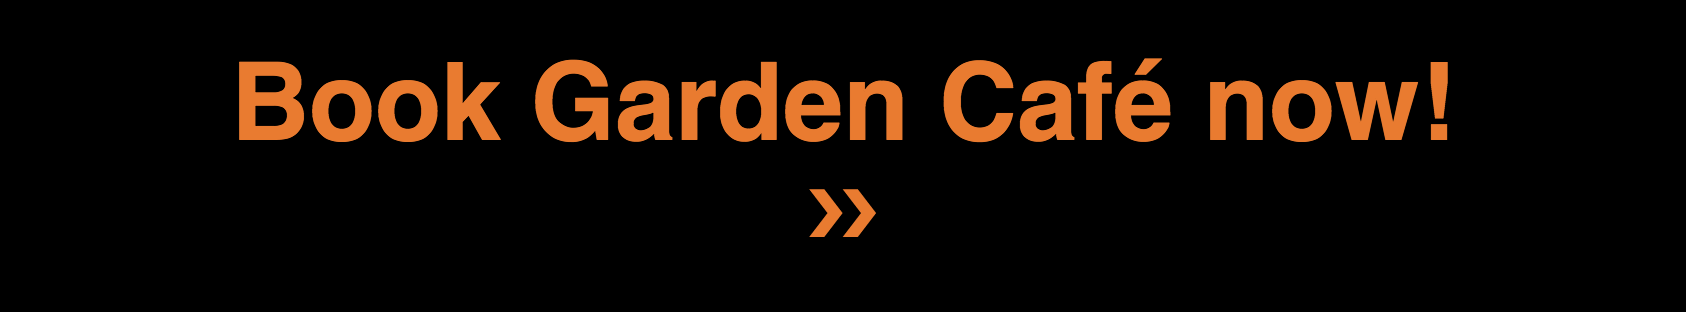 Book Garden Café - Conrad Hong Kong 咖啡園 - 港麗酒店 - OKiBook Hong Kong Restaurant Buffet Booking 自助餐預訂香